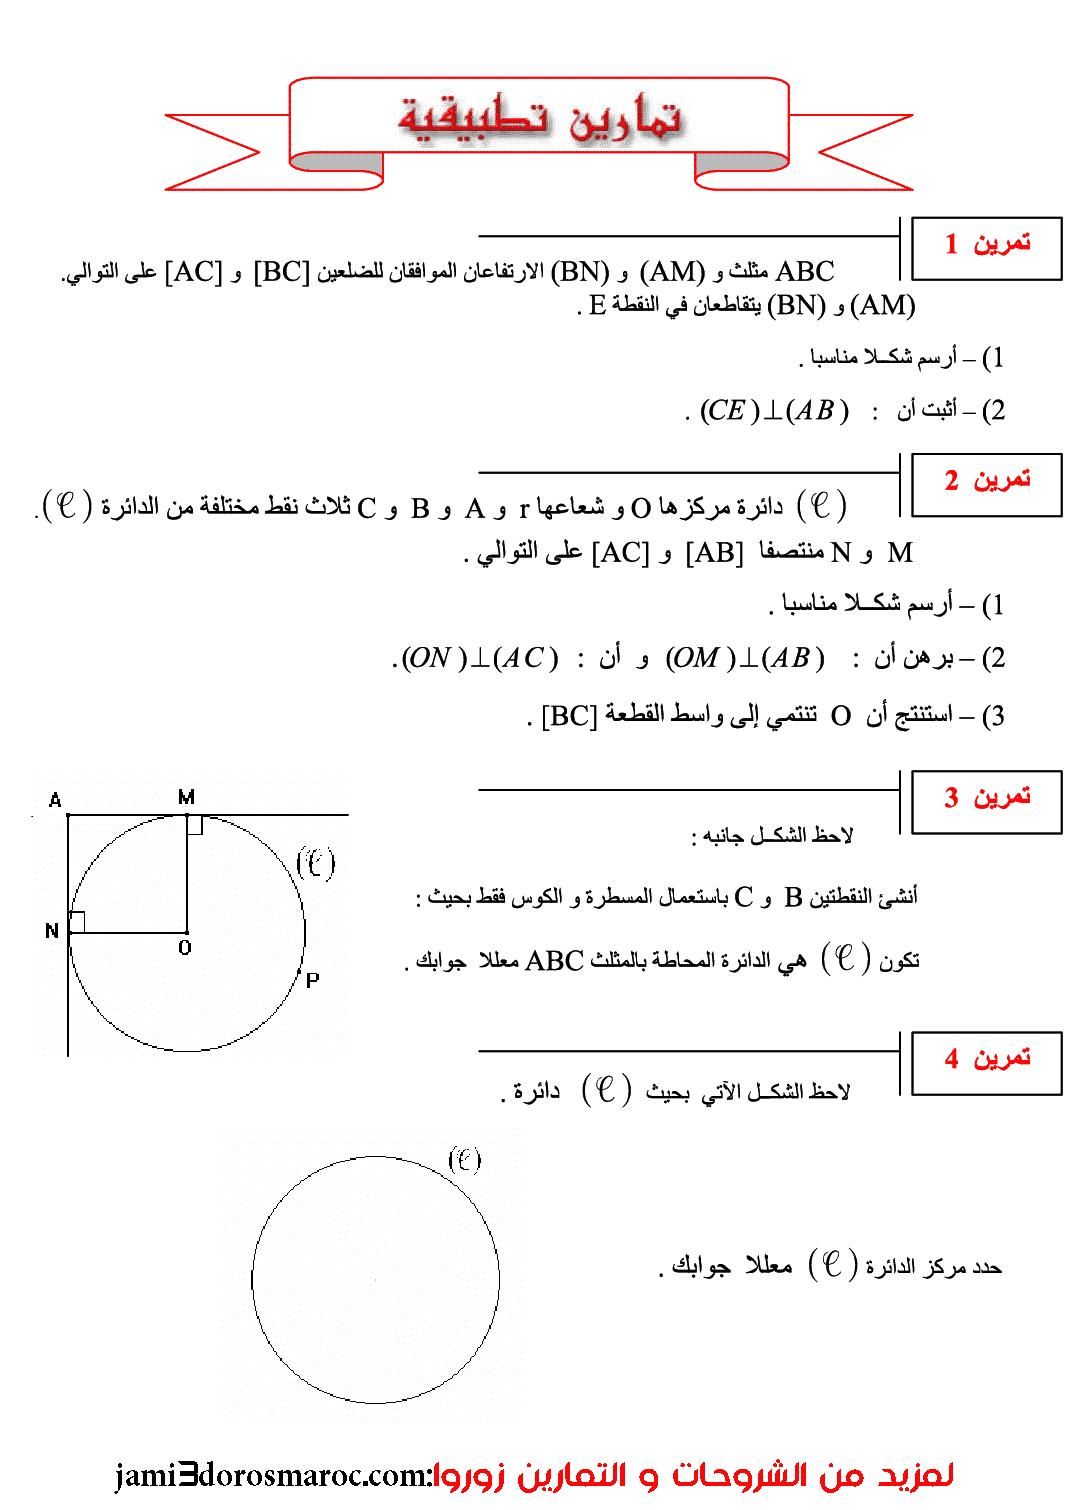 تمارين في درس المستقيمات الموازية لأضلاع مثلث الثانية إعدادي